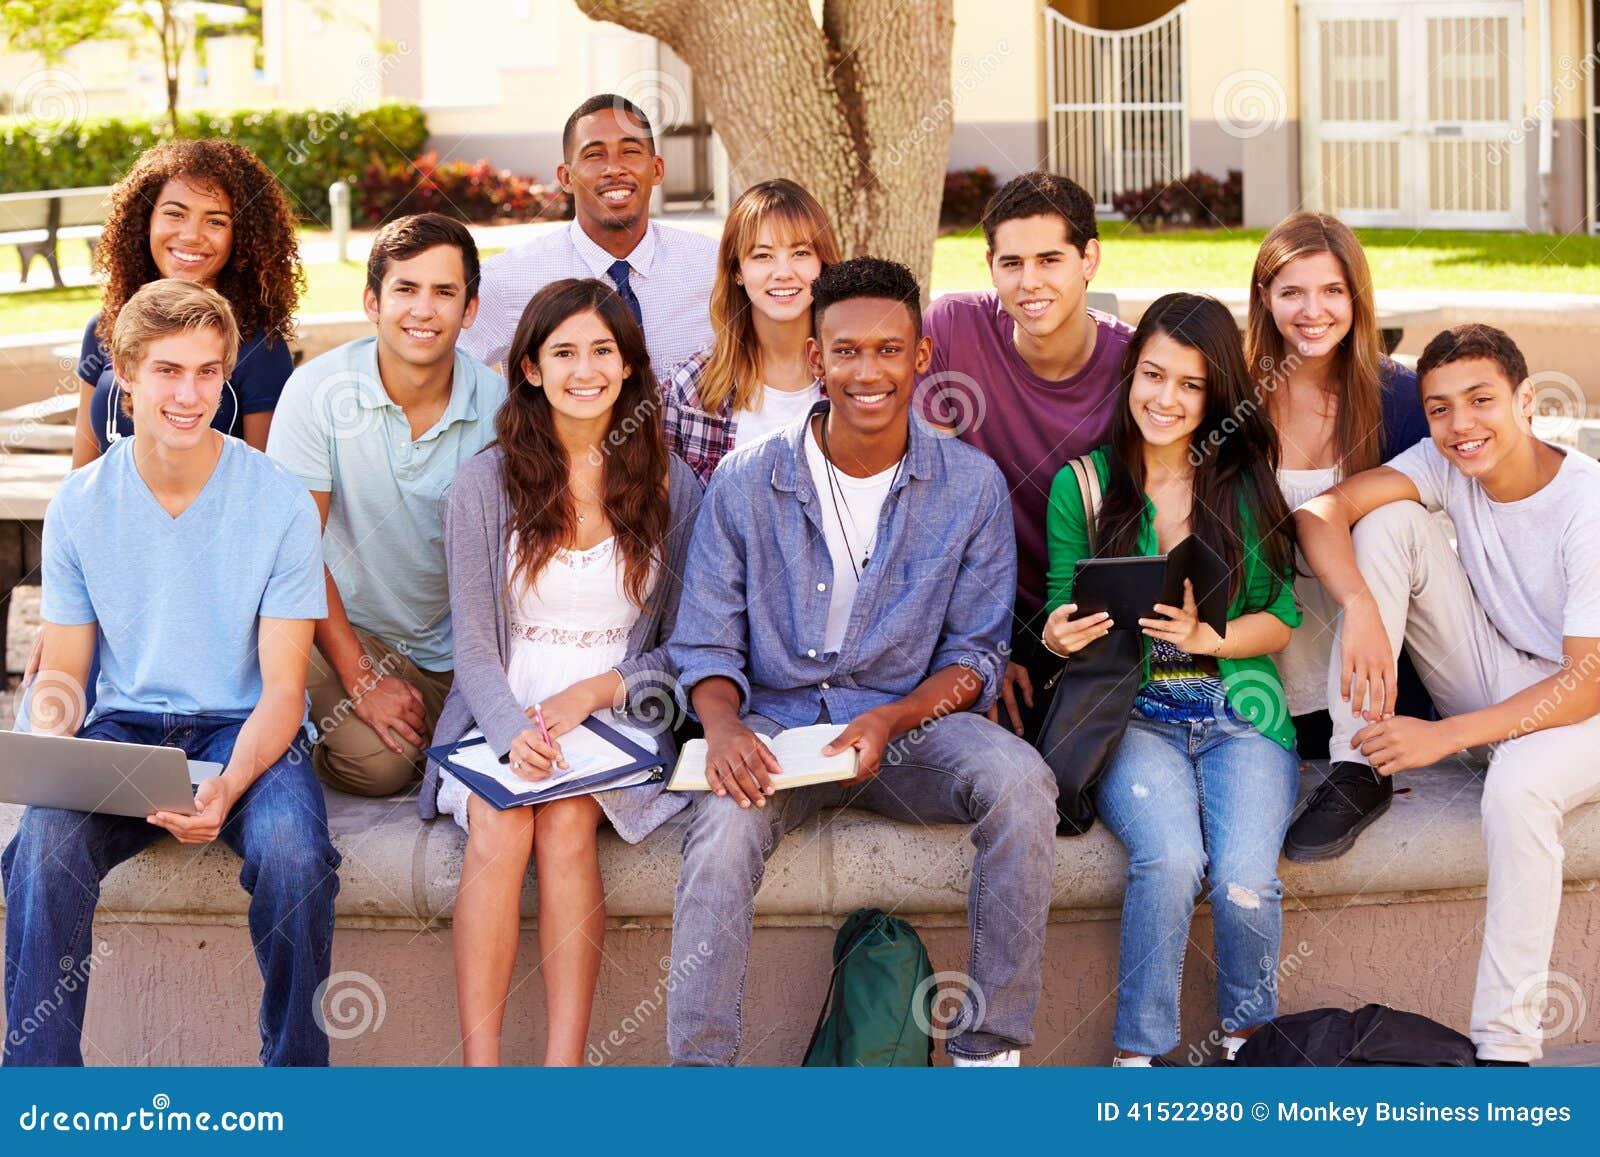 Смотреть учитель и студент 16 фотография